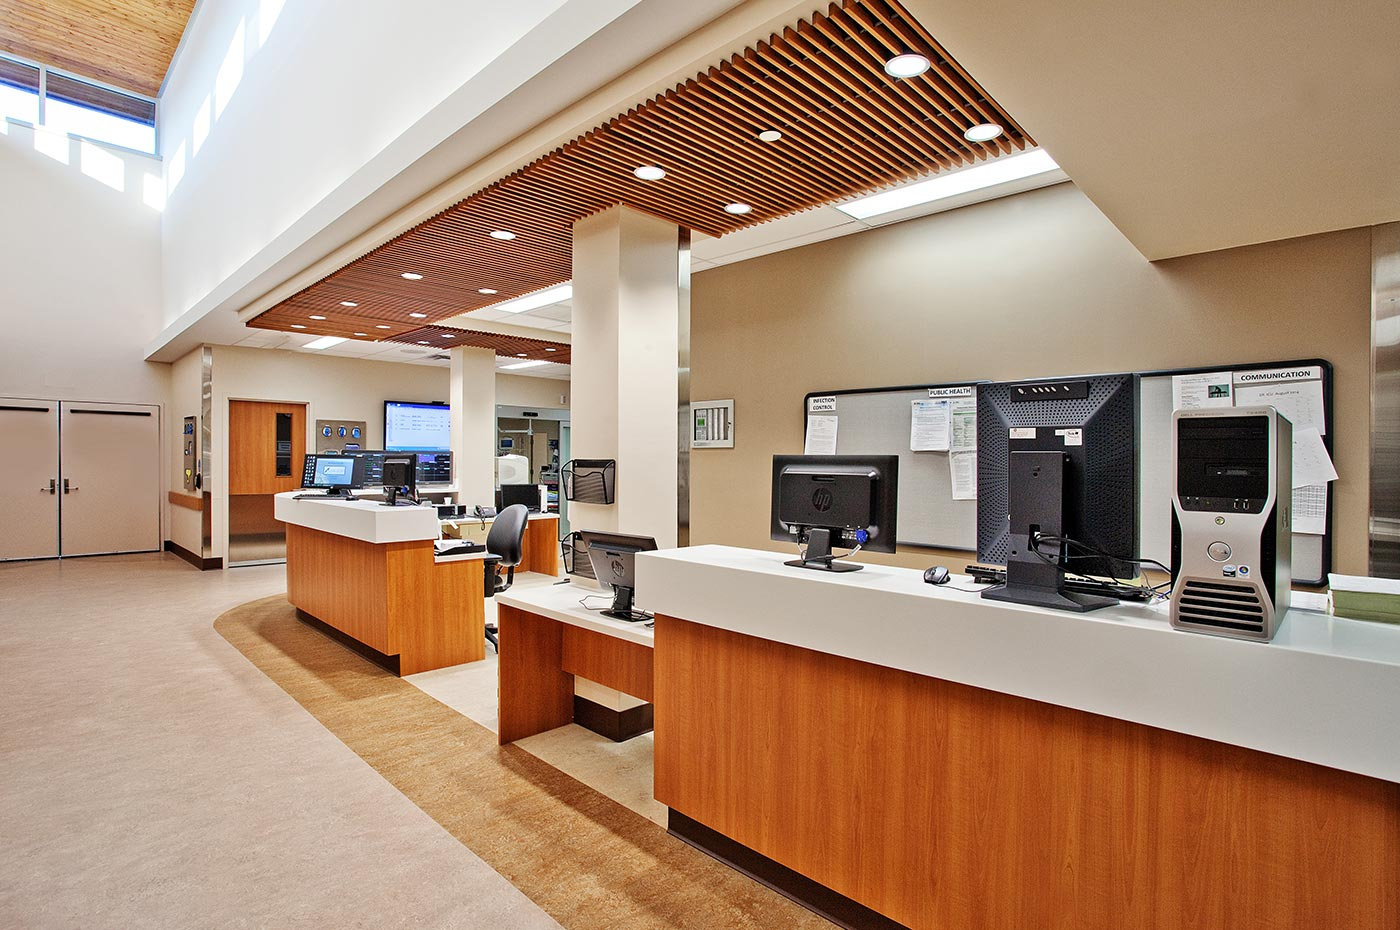 Georgian Bay General Hospital Front Desk